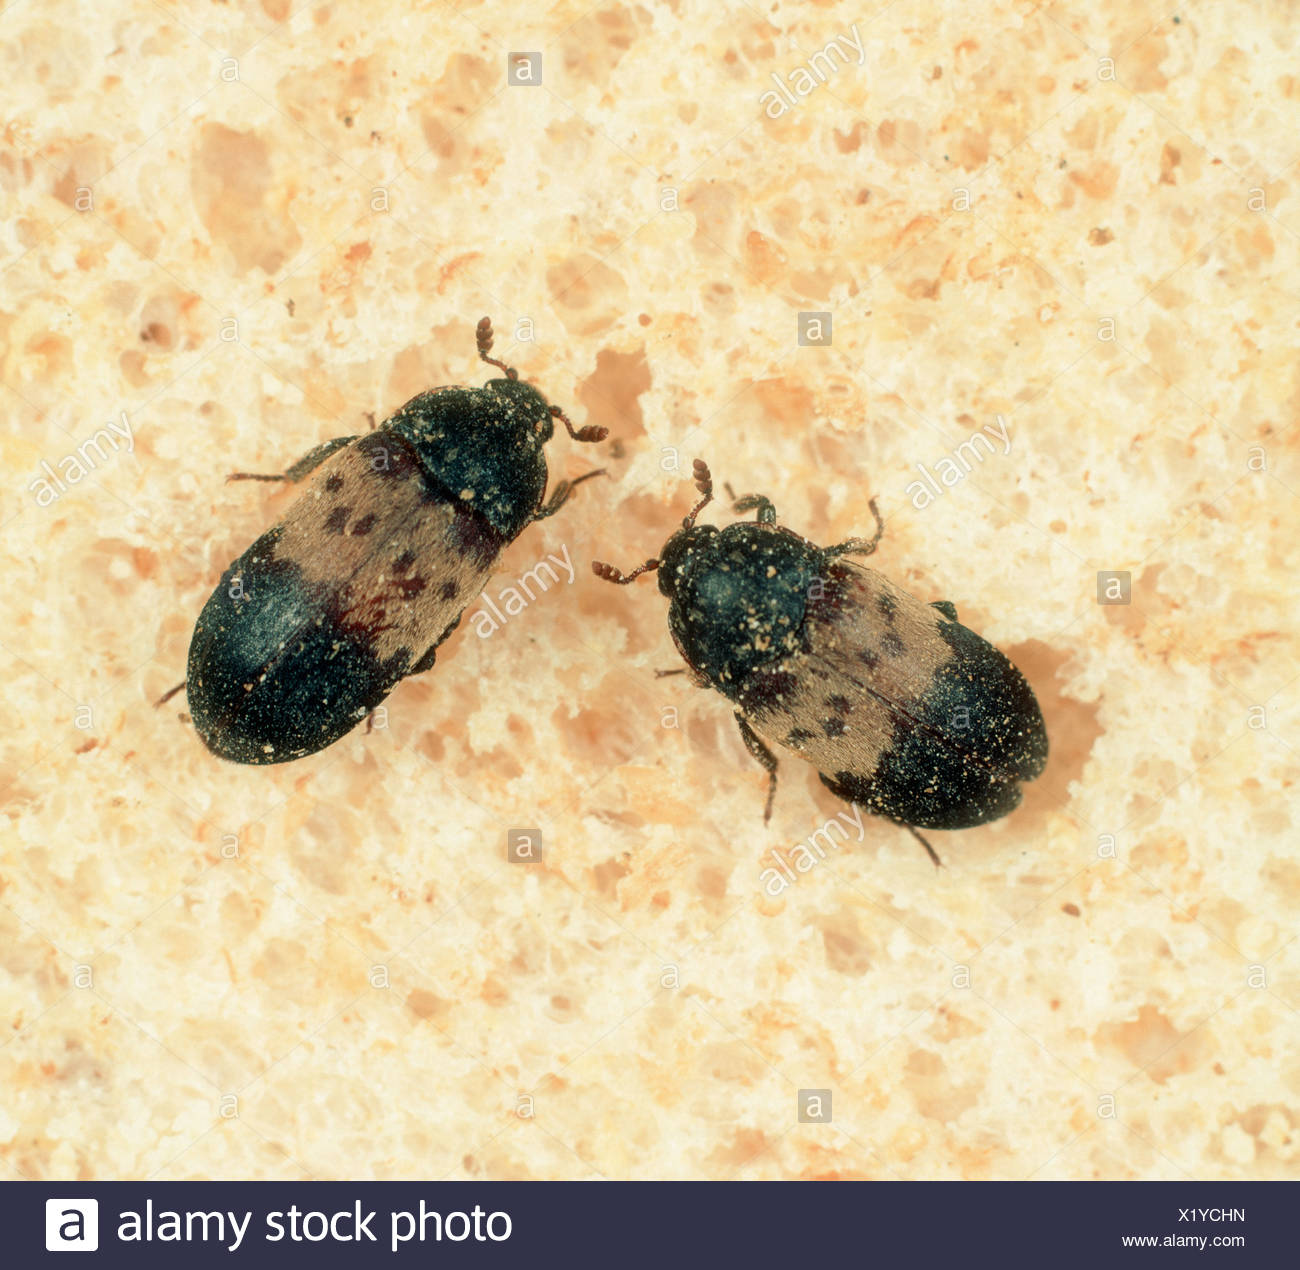 larder beetle dermestes lardarius stored product pest on bread